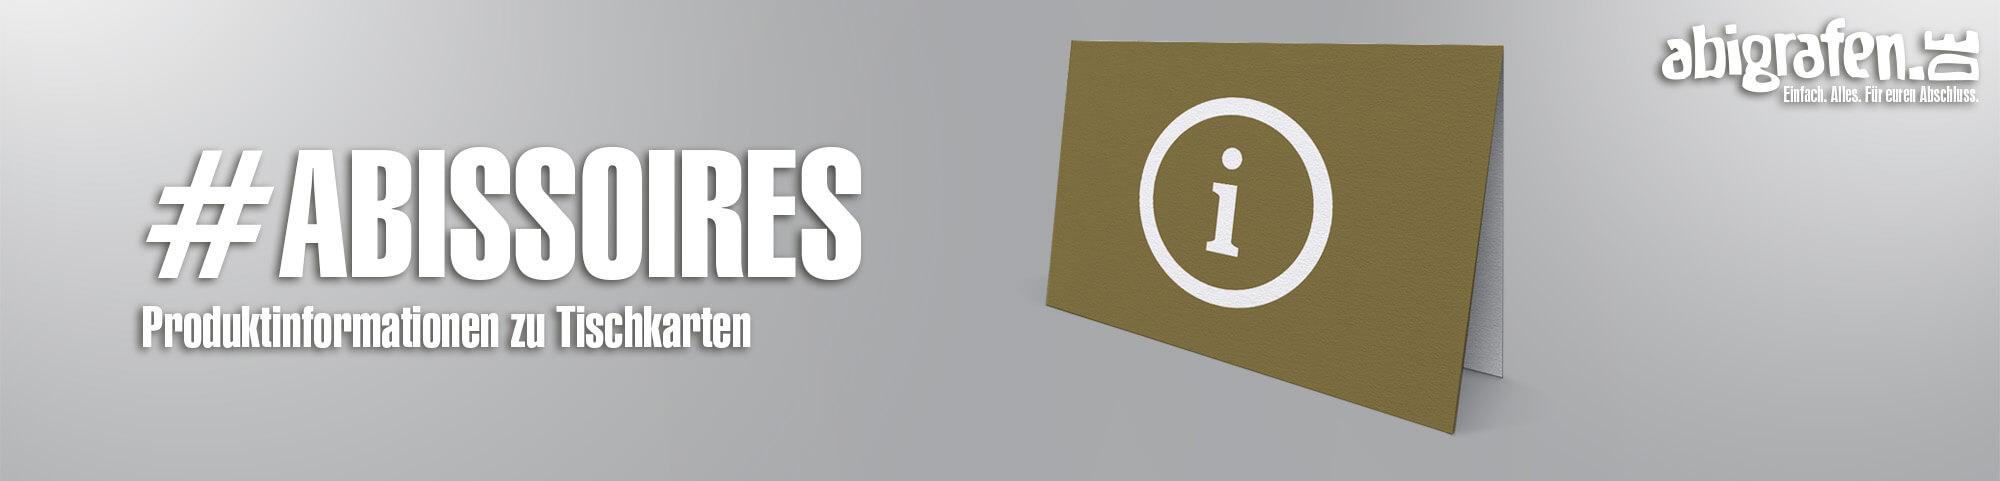 abigrafen-produktinformationen-tischkarten-namensschilder